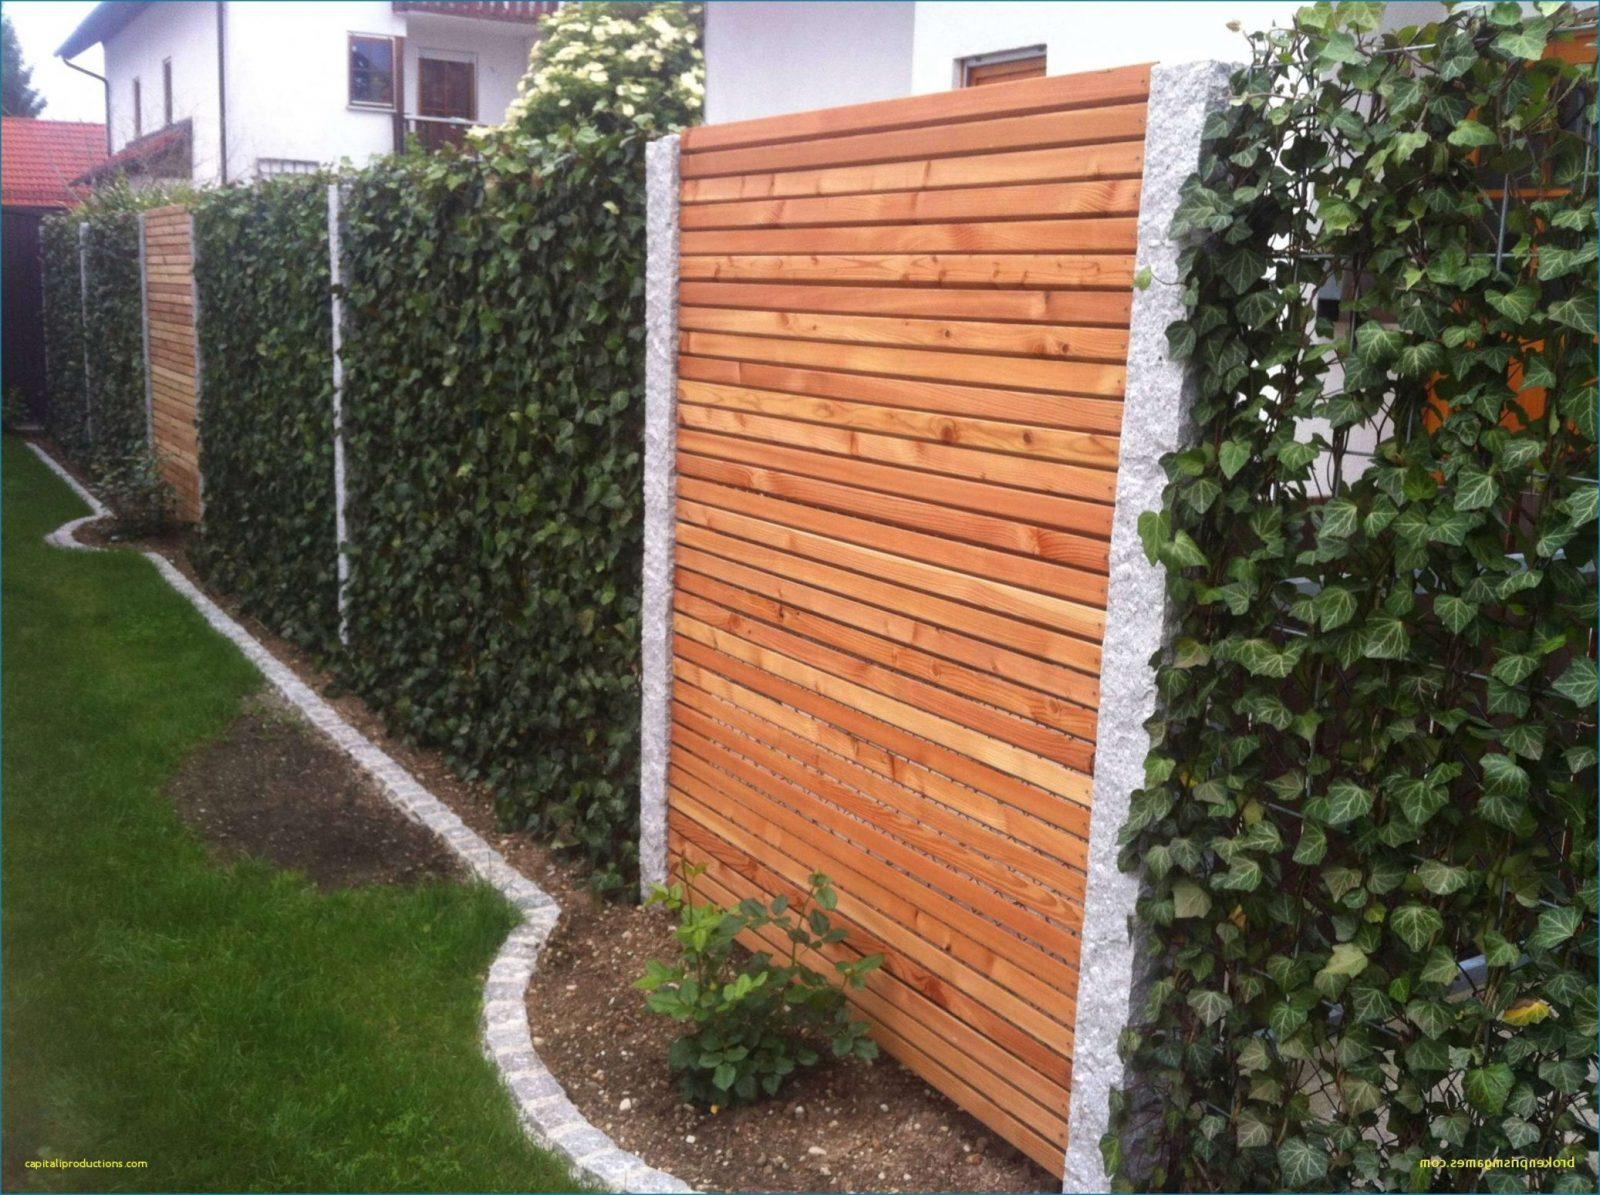 Bambus Sichtschutz Hornbach Designideen Von Weide Sichtschutz von Weide Sichtschutz Selber Machen Photo